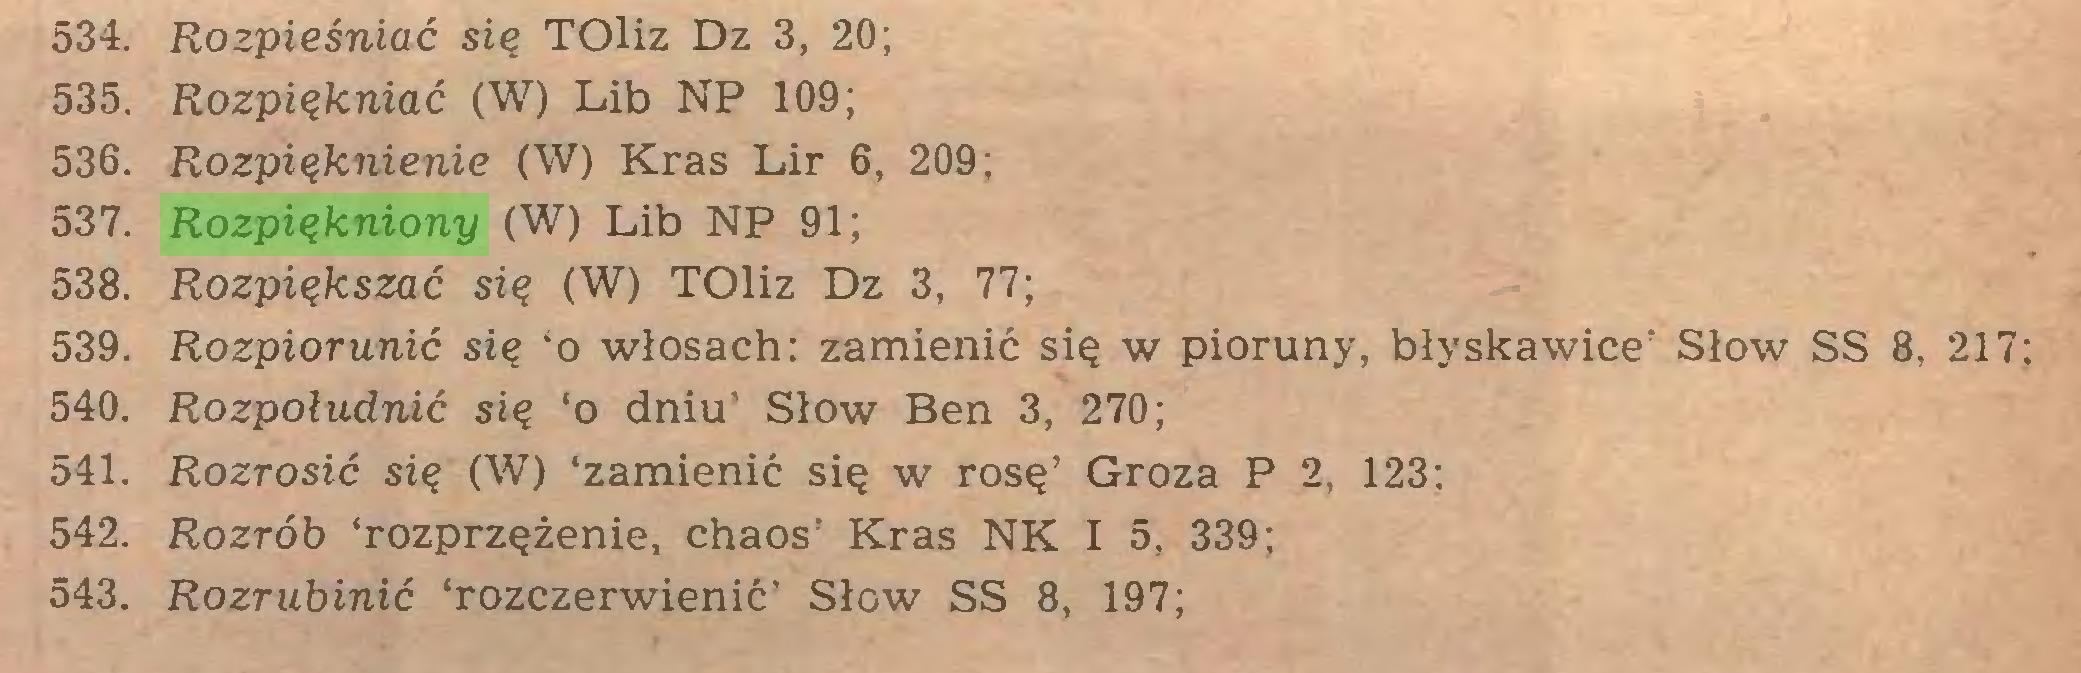 (...) 534. Rozpieśniać się TOliz Dz 3, 20; 535. Rozpiękniać (W) Lib NP 109; 536. Rozpięknienie (W) Kras Lir 6, 209; 537. Rozpiękniony (W) Lib NP 91; 538. Rozpiększać się (W) TOliz Dz 3, 77; 539. Rozpiorunić się 'o włosach: zamienić się w pioruny, błyskawice' Słów SS 8, 217; 540. Rozpołudnić się 'o dniu' Słów Ben 3, 270; 541. Rozrosić się (W) 'zamienić się w rosę' Groza P 2, 123; 542. Rozrób 'rozprzężenie, chaos' Kras NK I 5, 339; 543. Rozrubinić 'rozczerwienić' Słów SS 8, 197;...